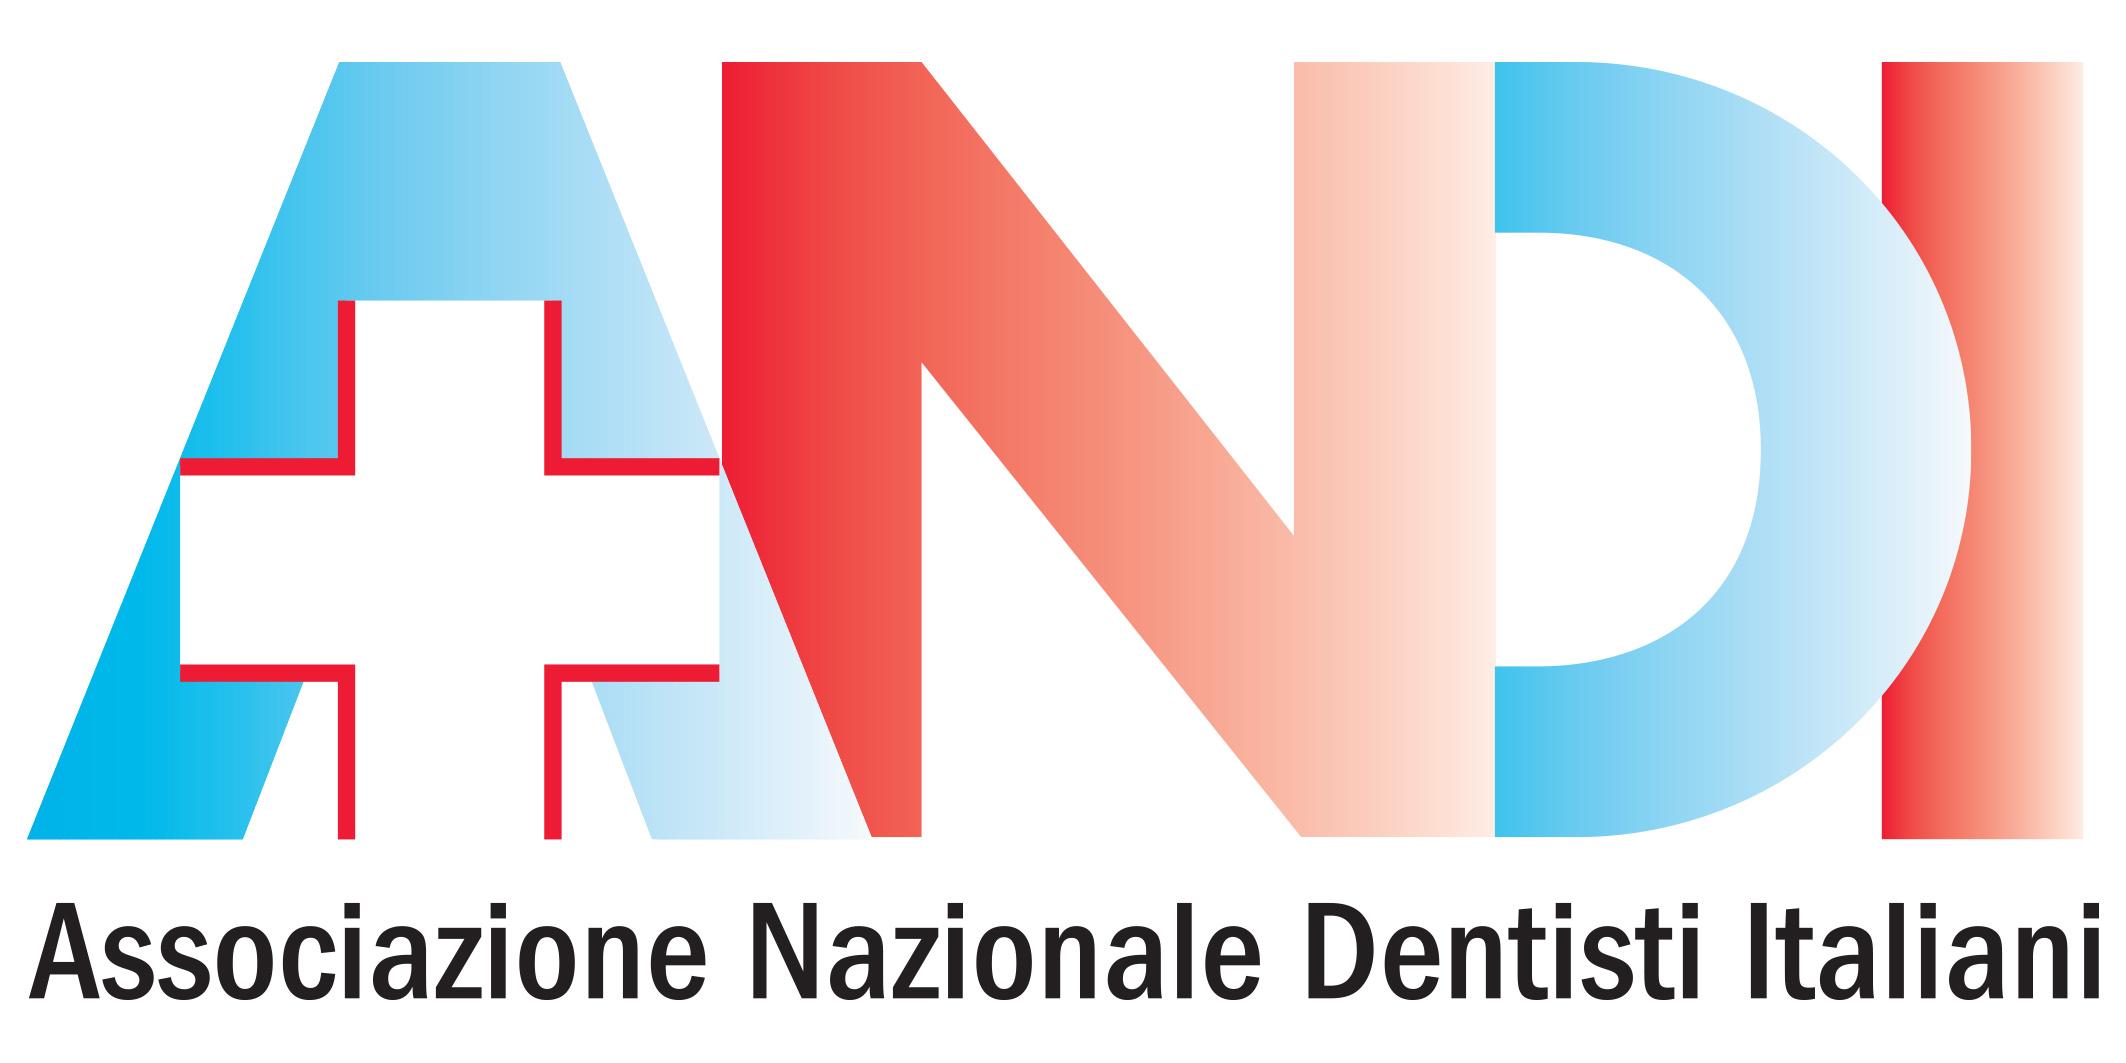 ANDI – Associazione Nazionale Dentisti Italiani